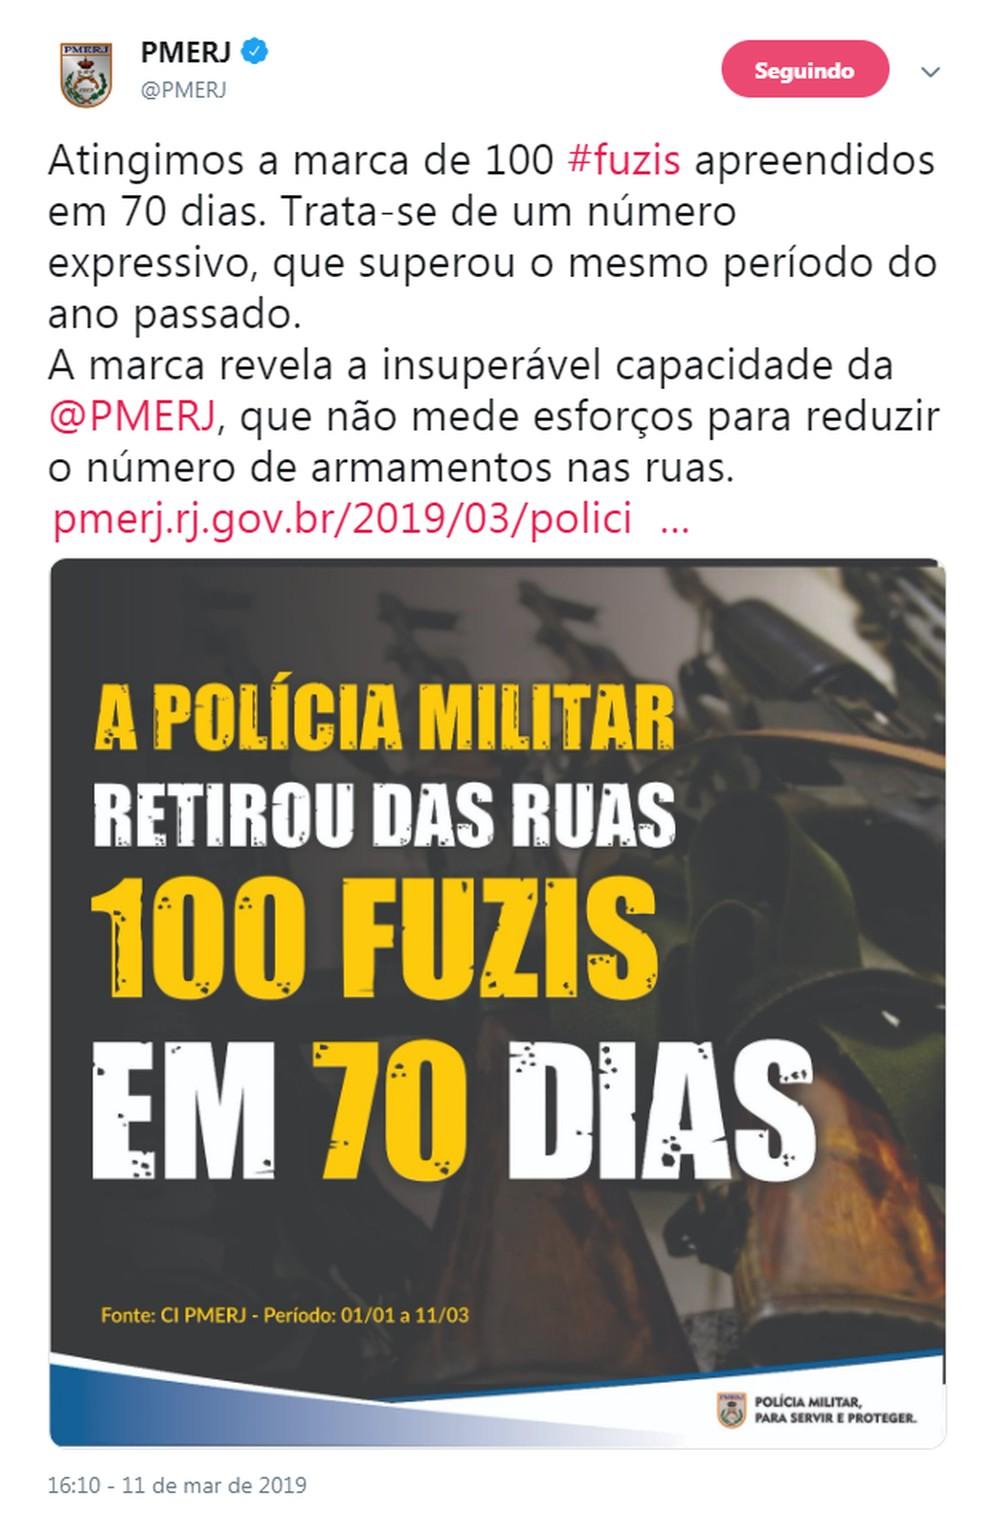 Corporação anuncia 100 fuzis apreendidos em 70 dias anunciada pelo Twitter — Foto: Reprodução/Redes Sociais